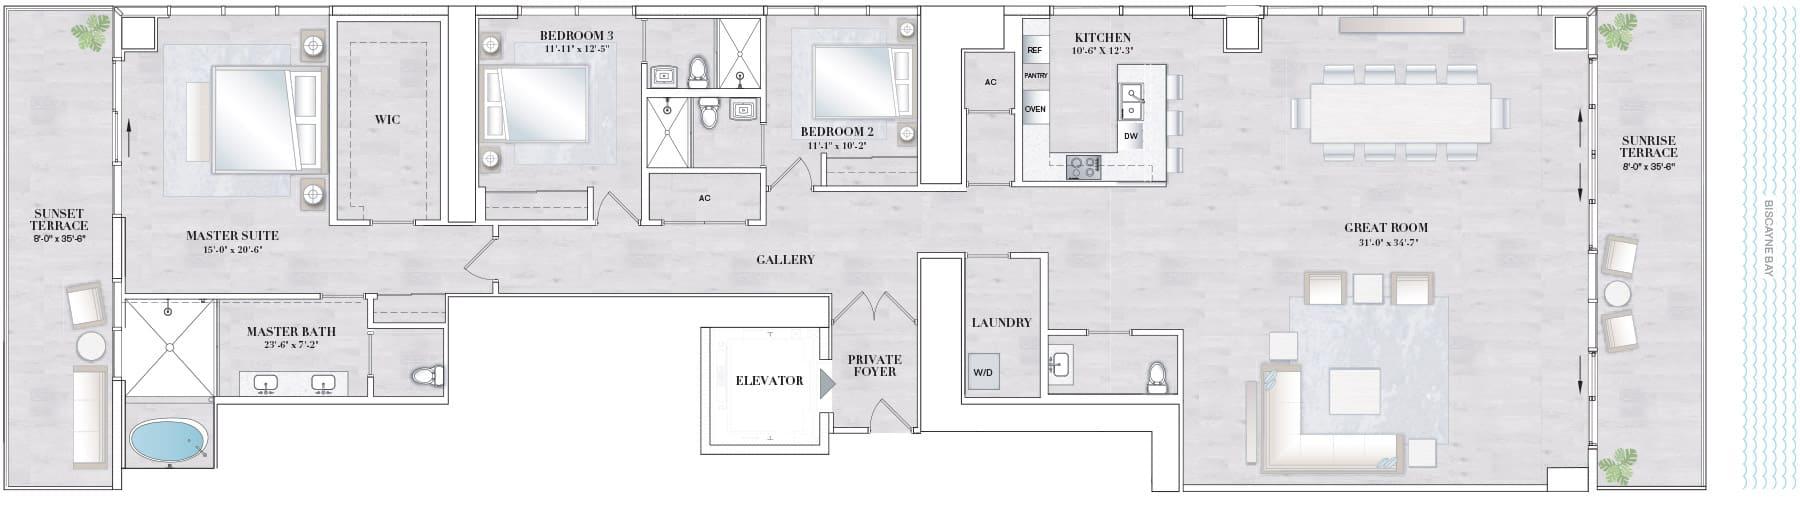 Elysee Edgewater Floor Plan C3